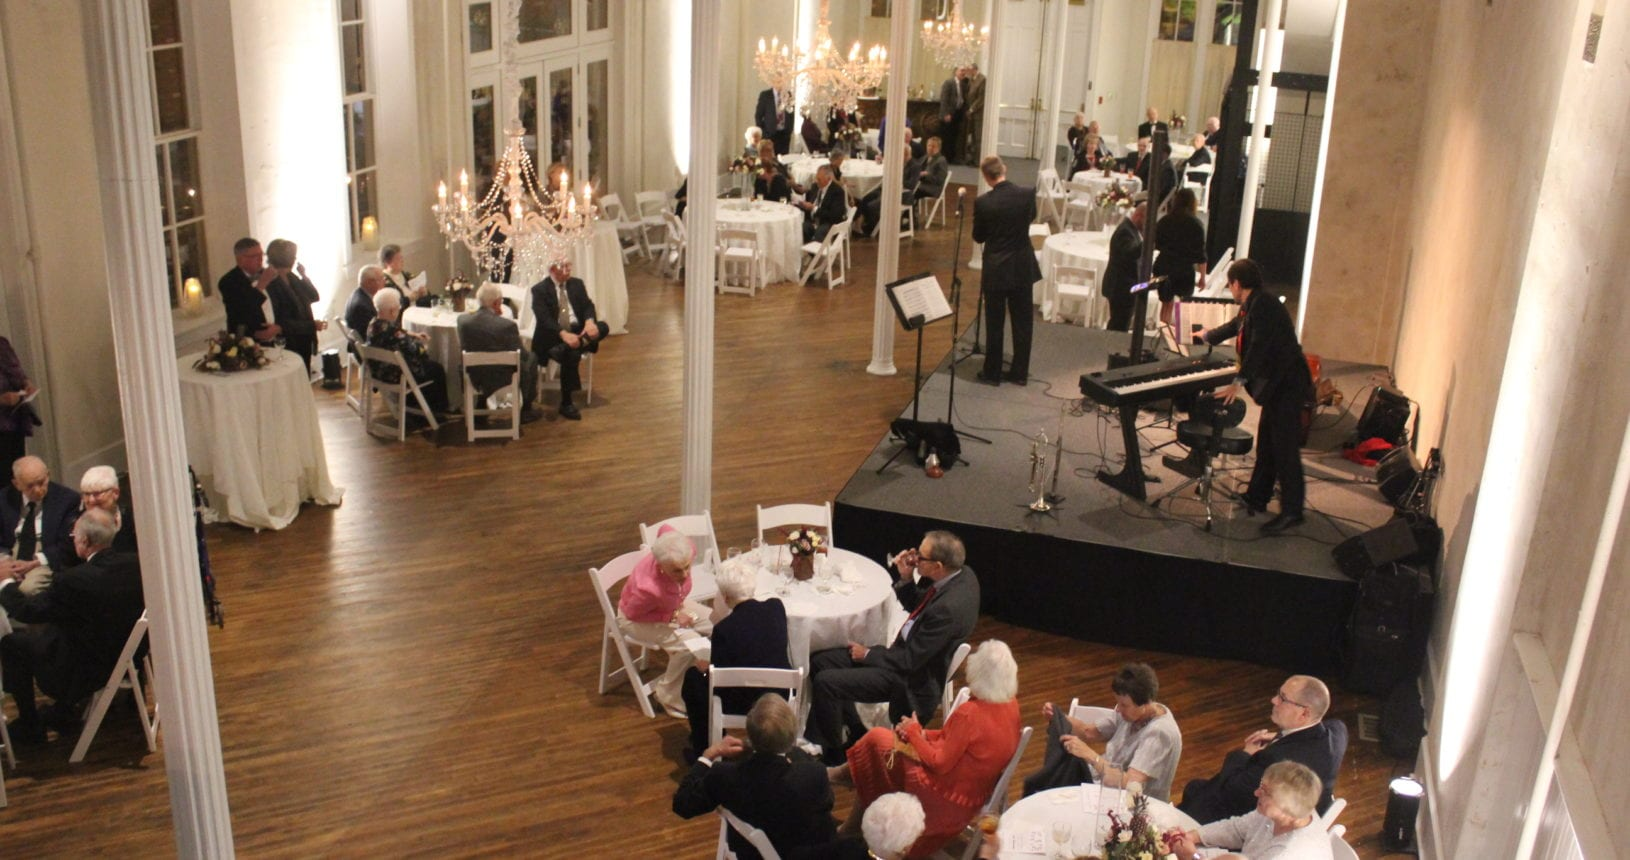 Homestead Village Gala